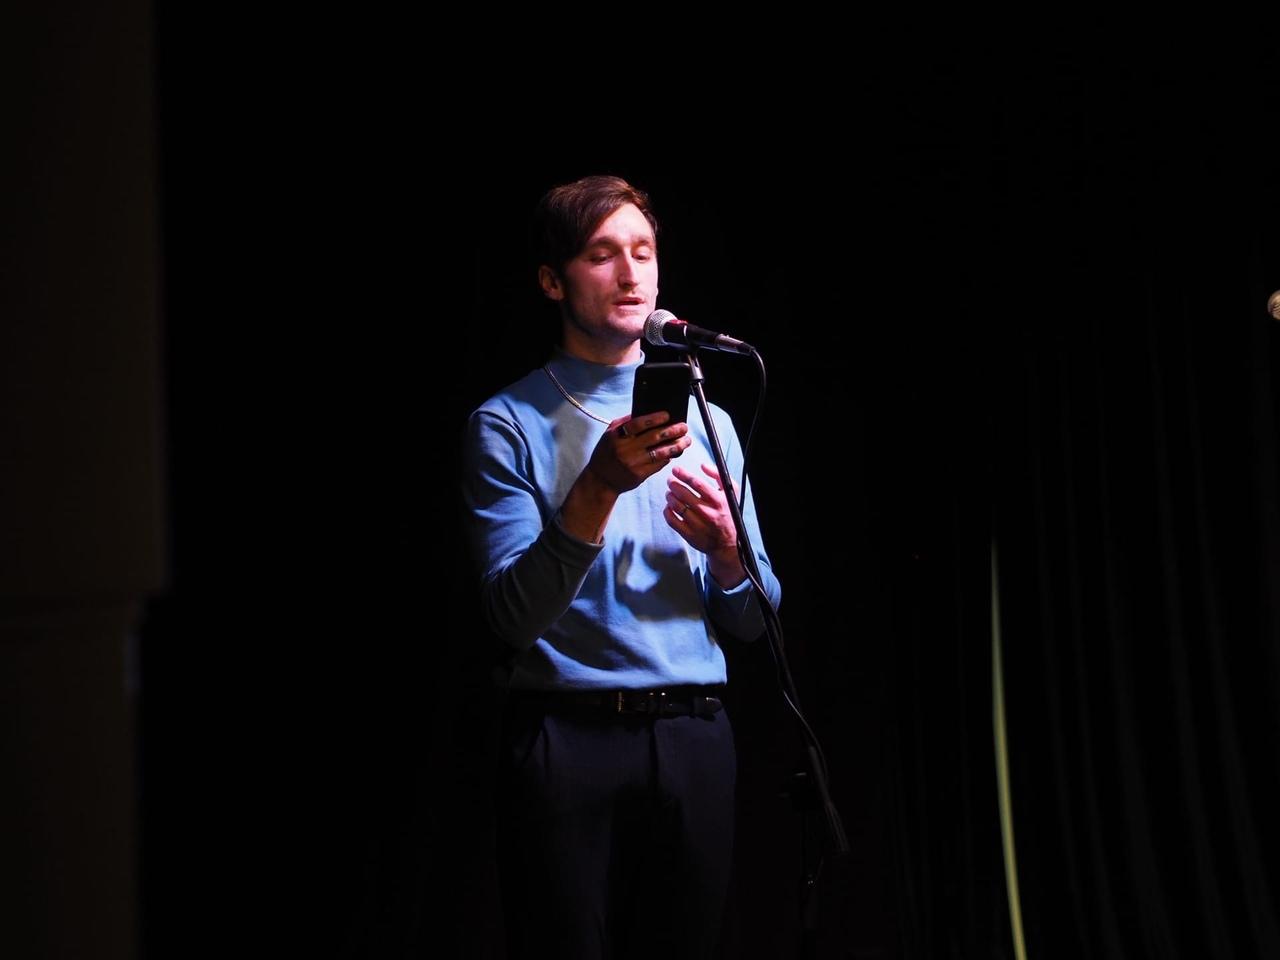 мы проводили Книжный клуб «Петровский» поэтическим концертом и презентацией моей книги Jacaranda.